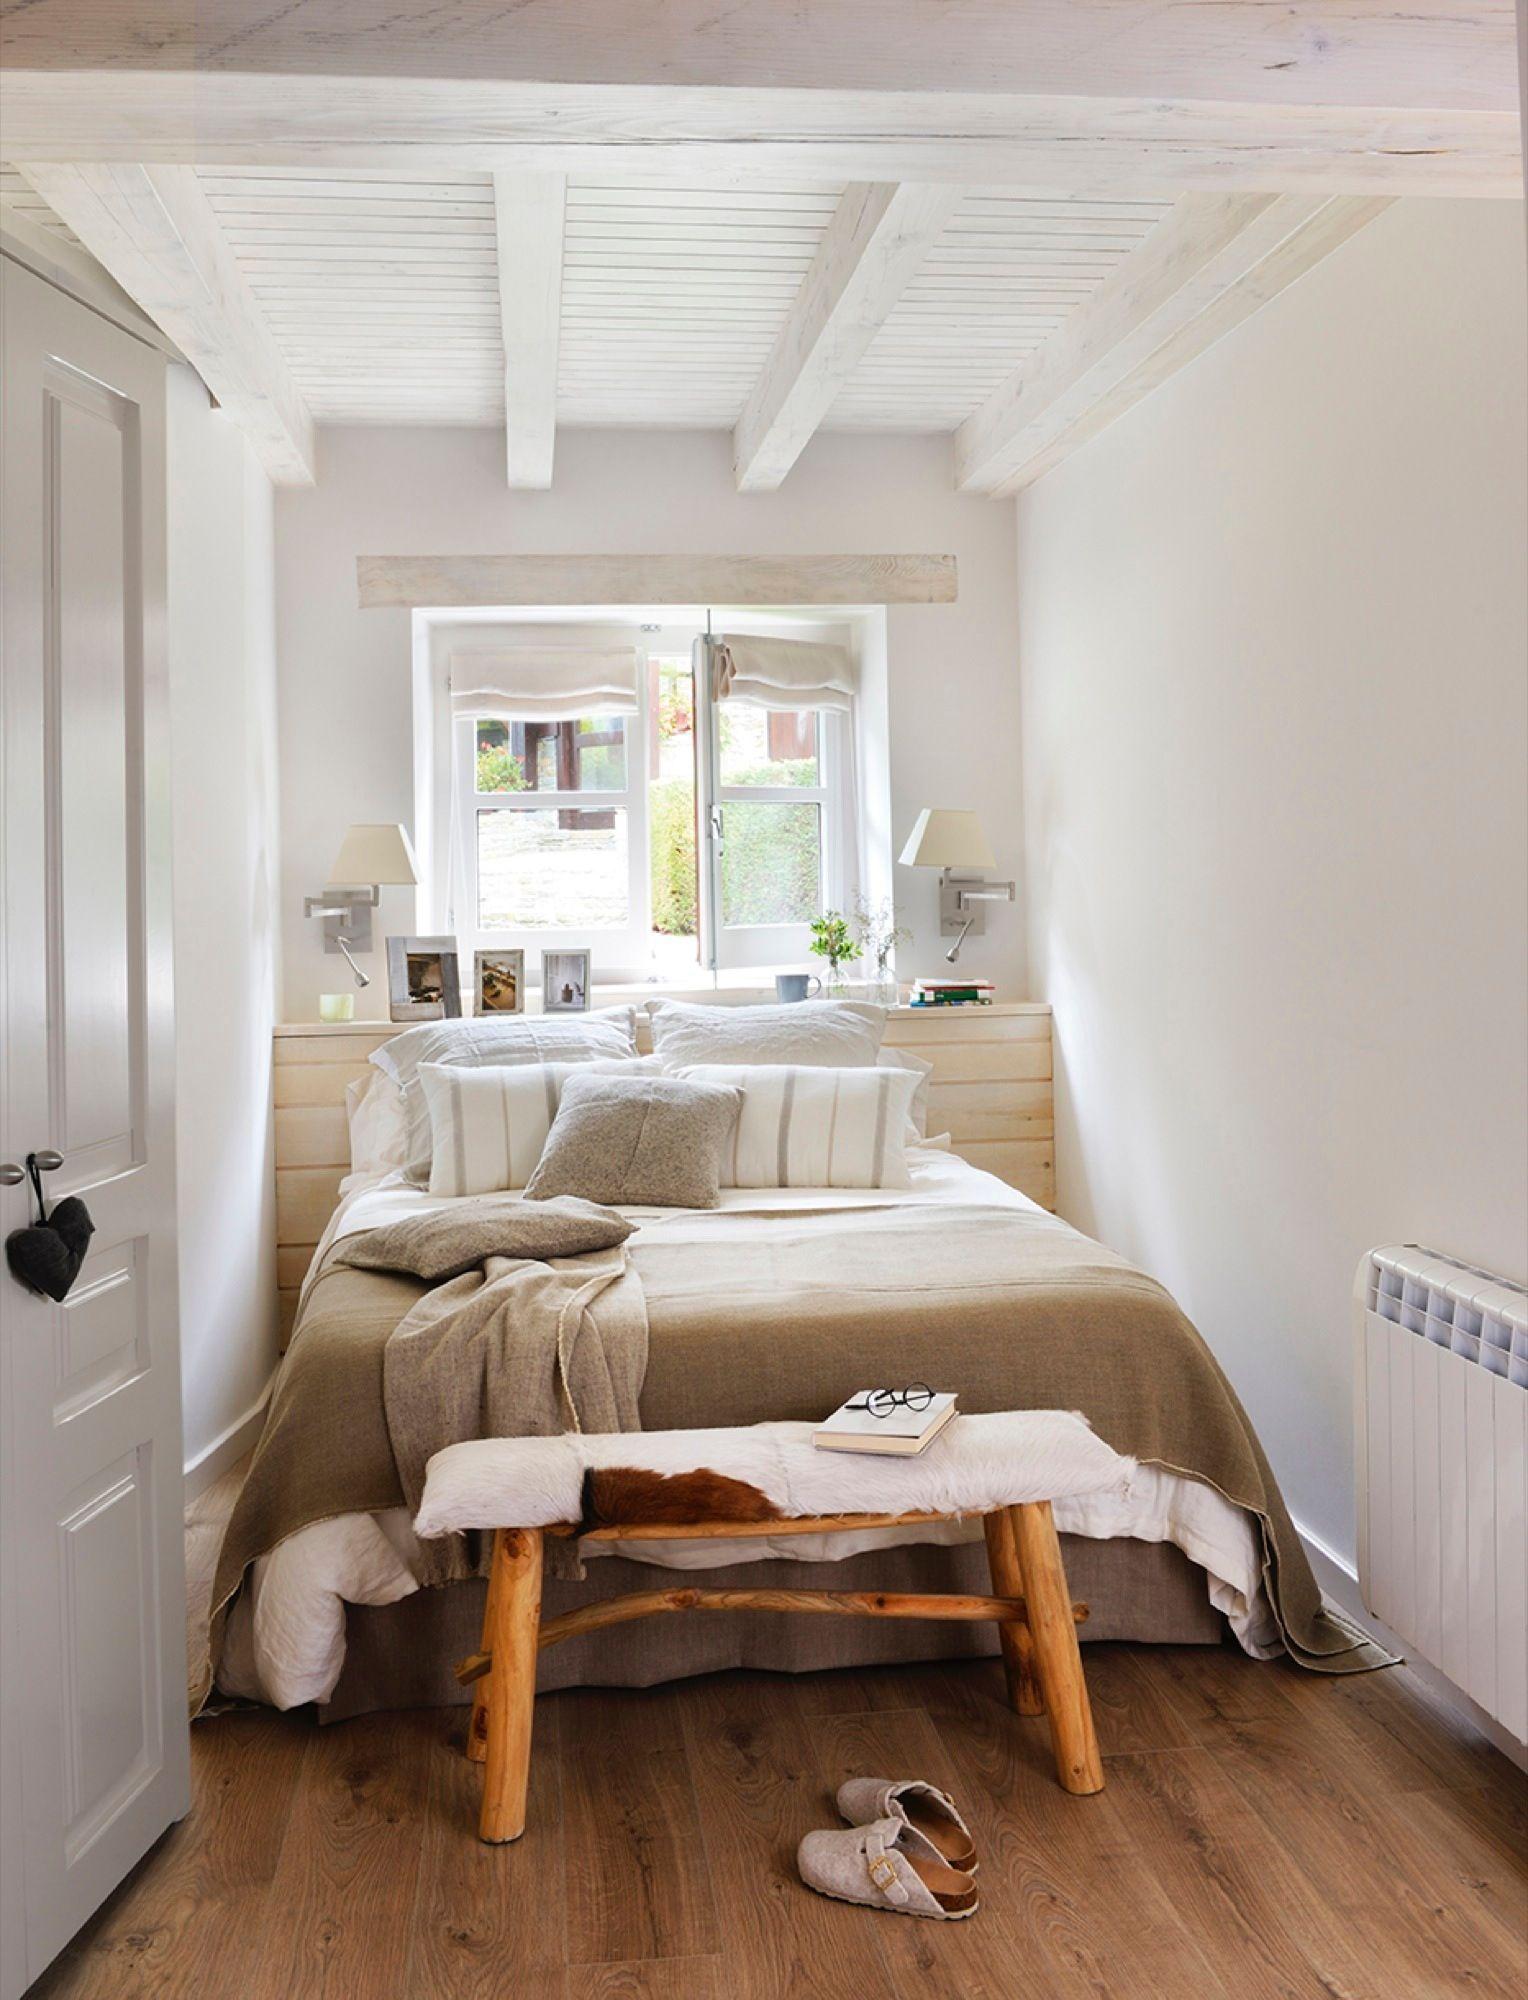 Dormitorio principal funda n rdica de marc alexander y for Decoracion dormitorio principal